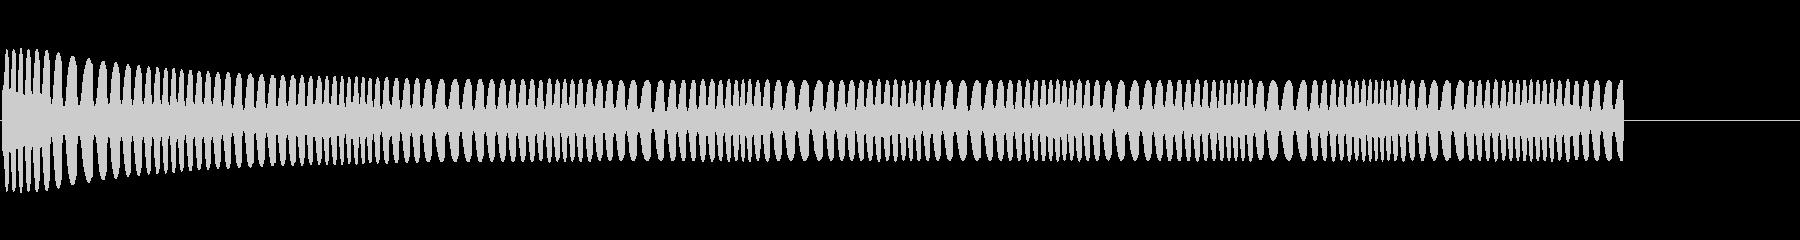 宇宙エンジン-moogの未再生の波形